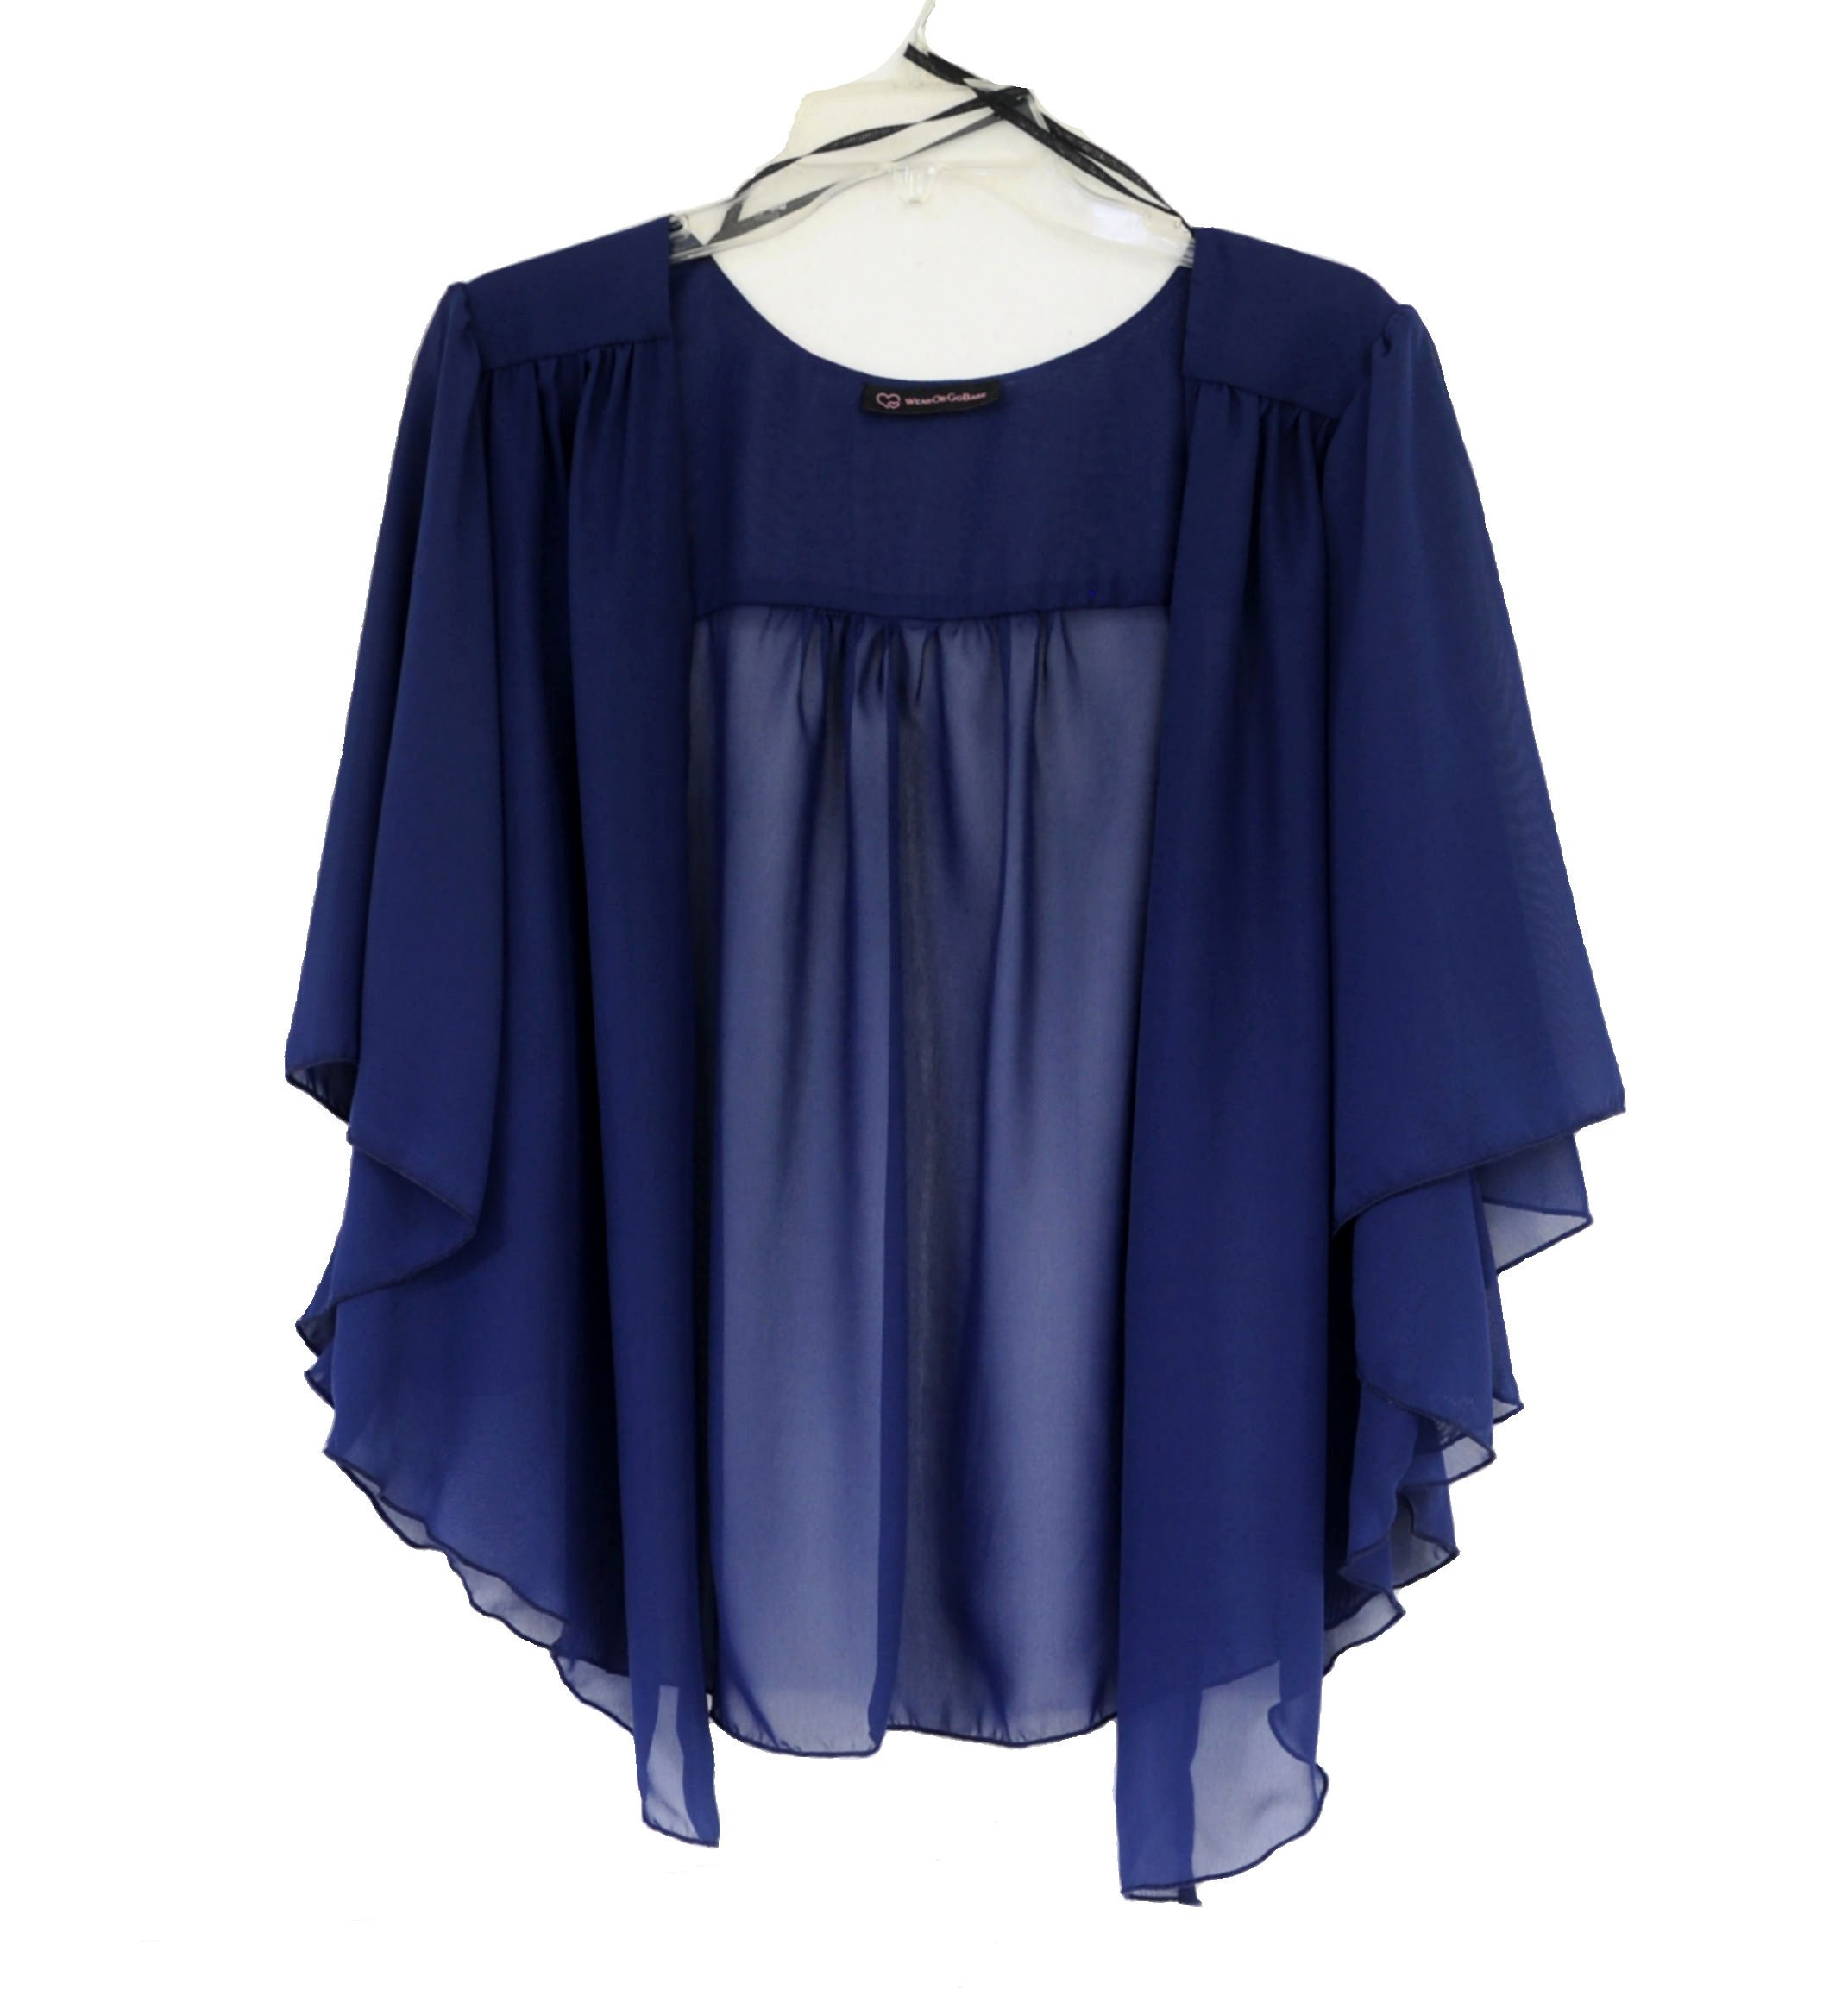 WearOrGoBare Women's Plus Size Cascading Chiffon Bolero Cardigan Shrug Top (1X, Navy)